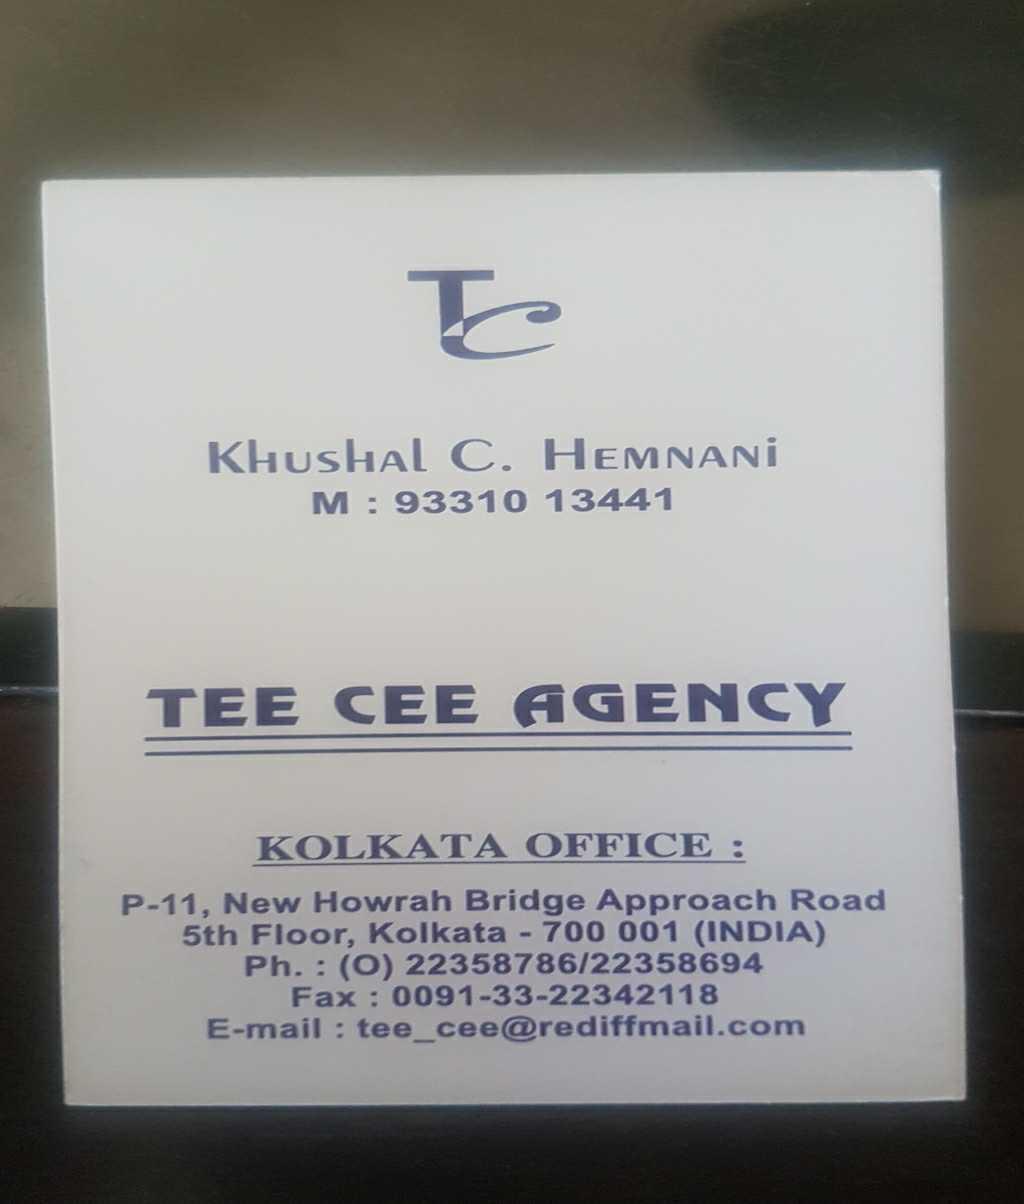 T. C. Agency